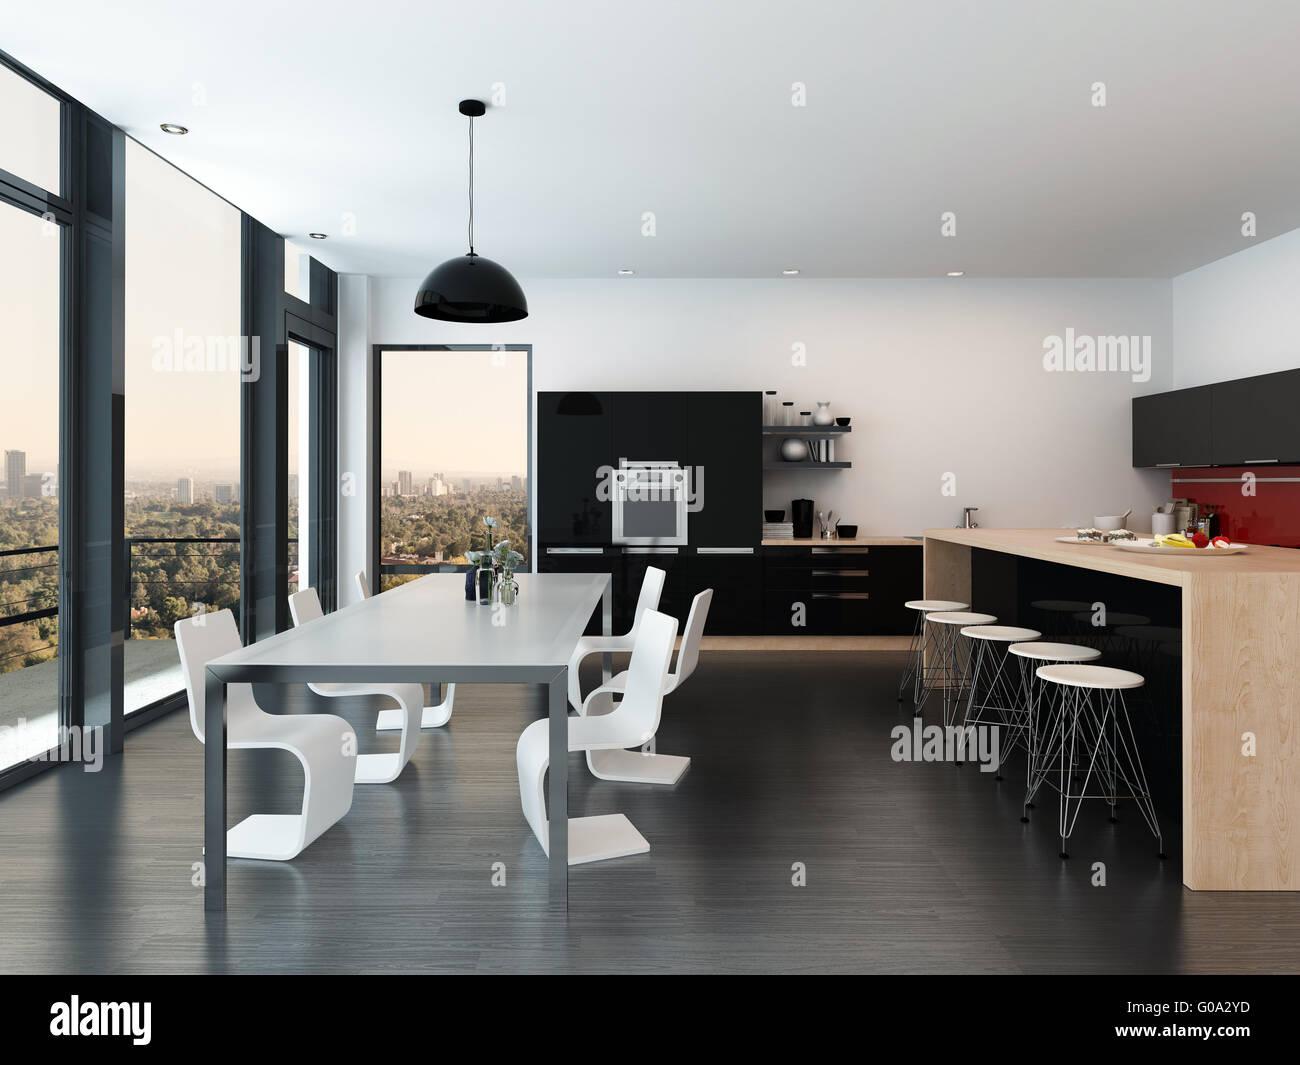 Ziemlich U Modulare Küchen Bilder Geformt Galerie - Ideen Für Die ...